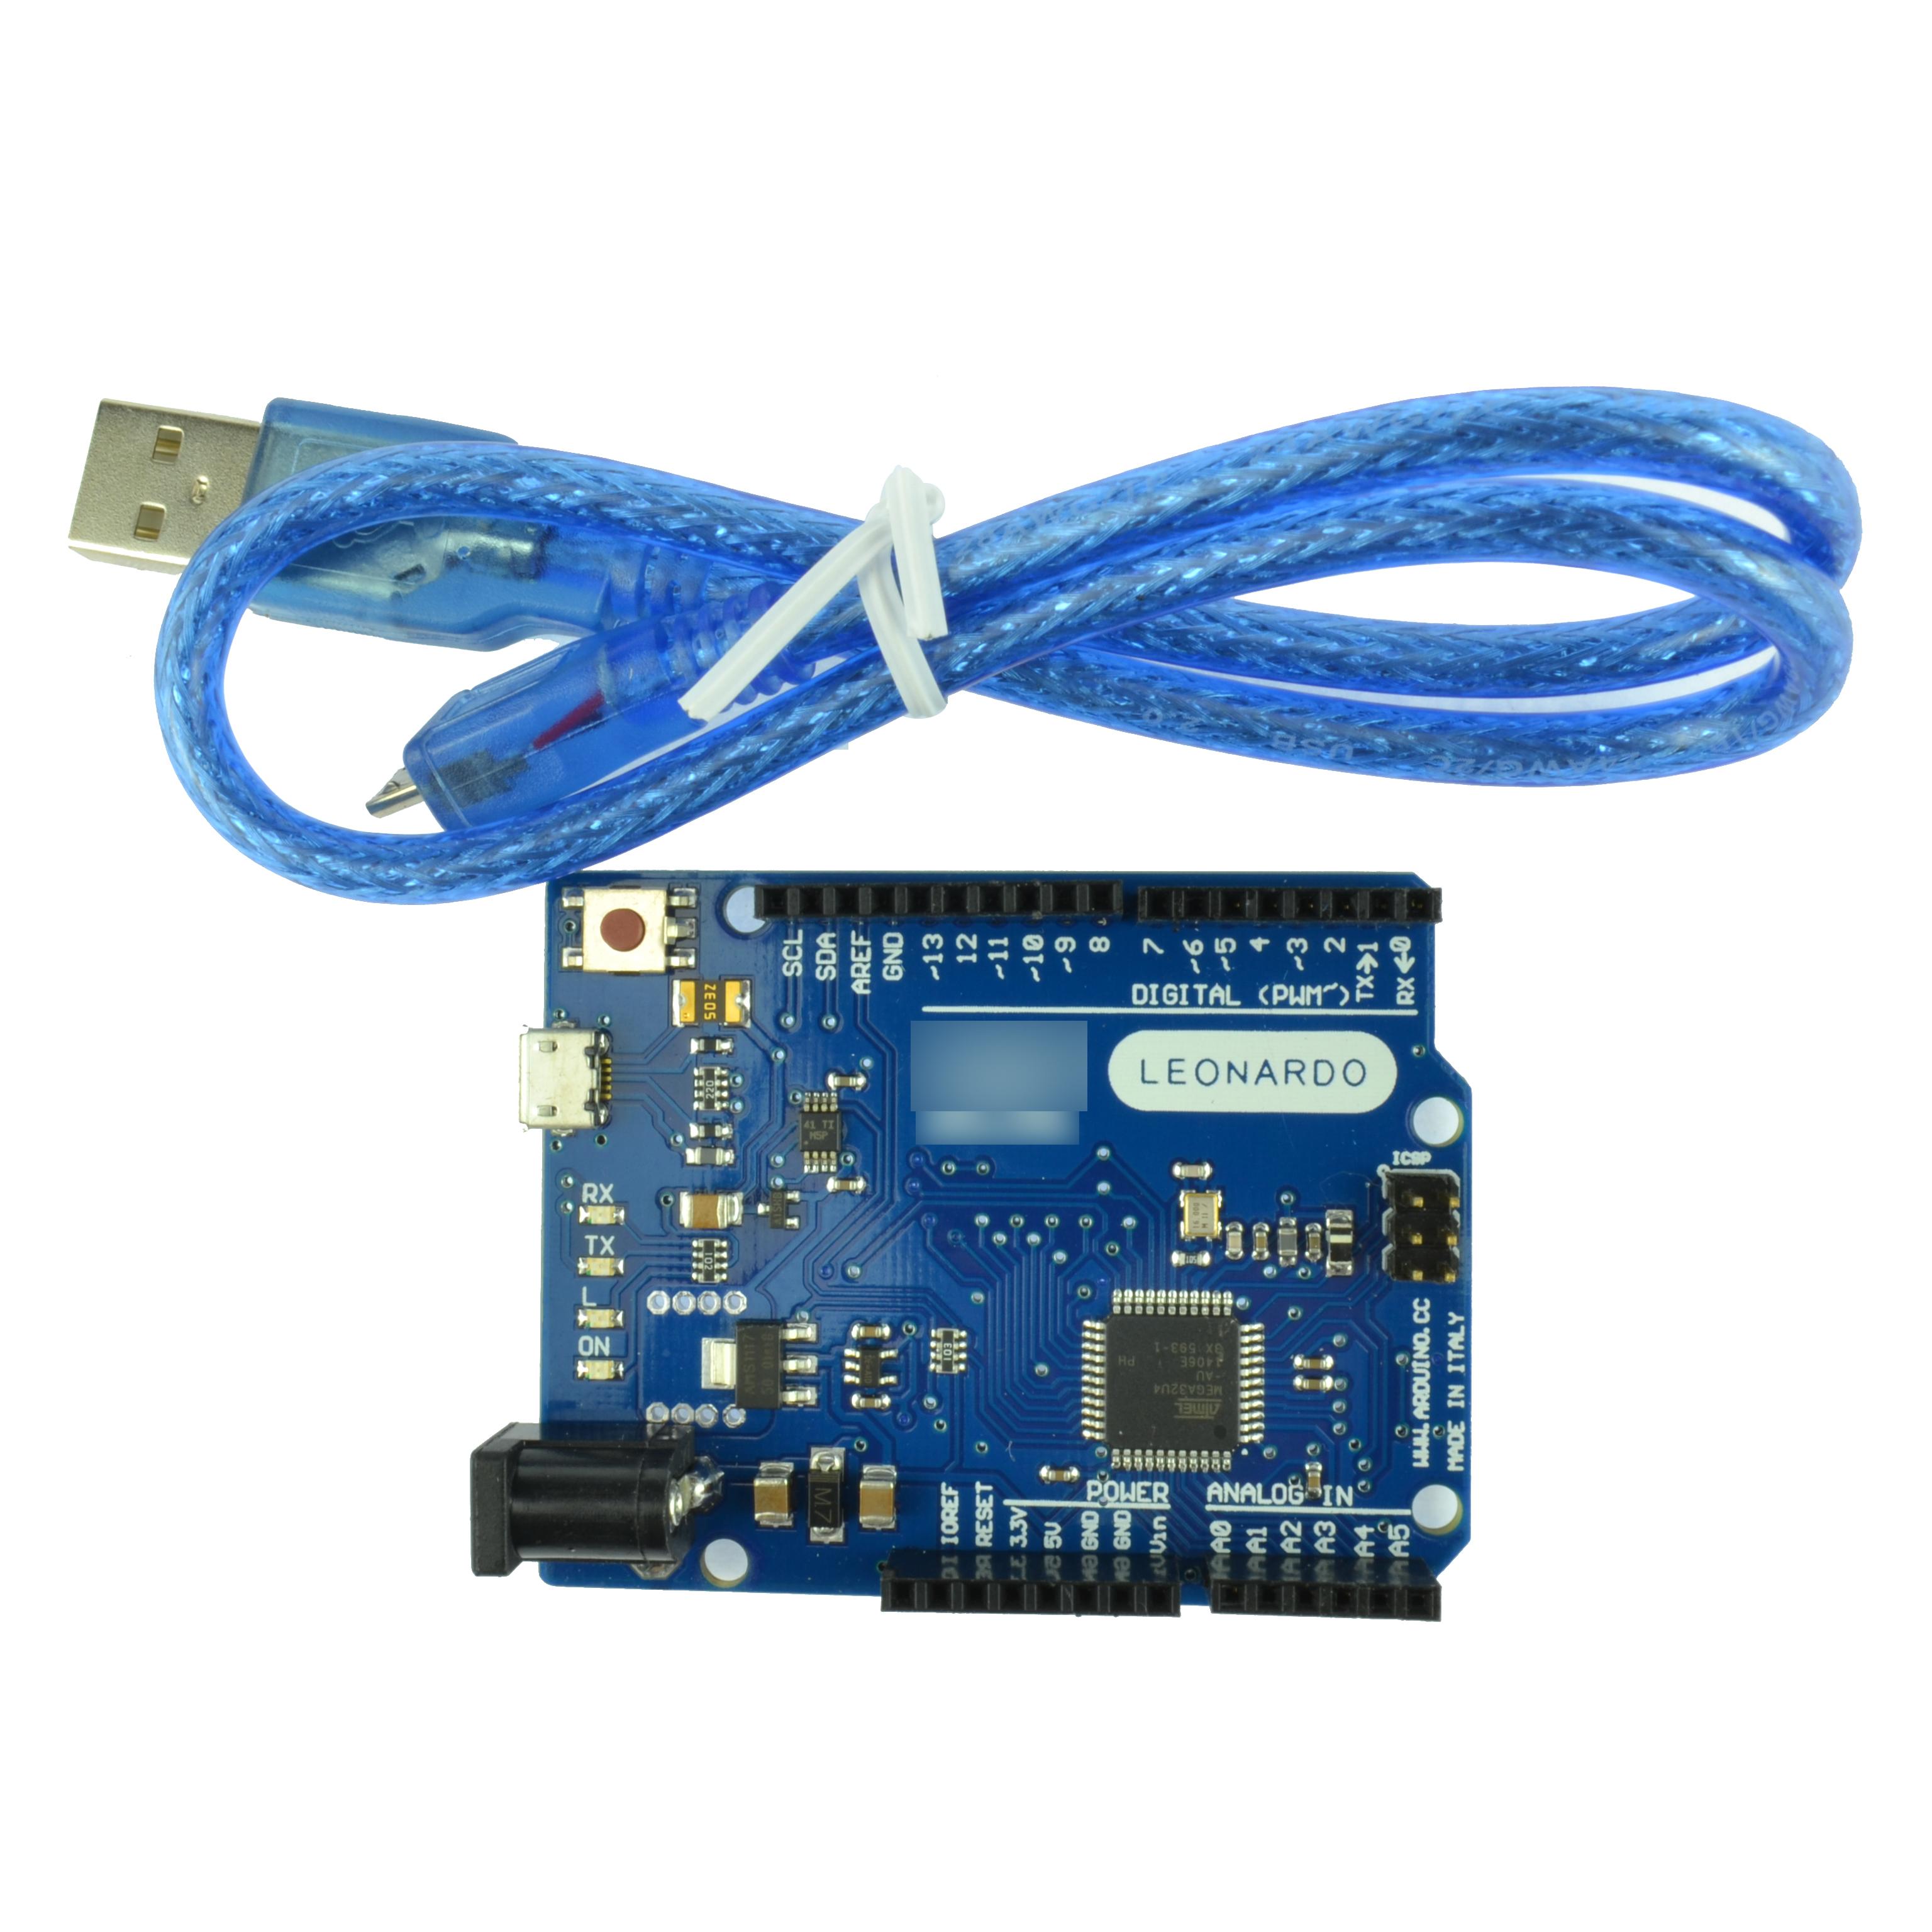 Leonardo r pro micro atmega u board arduino compatible